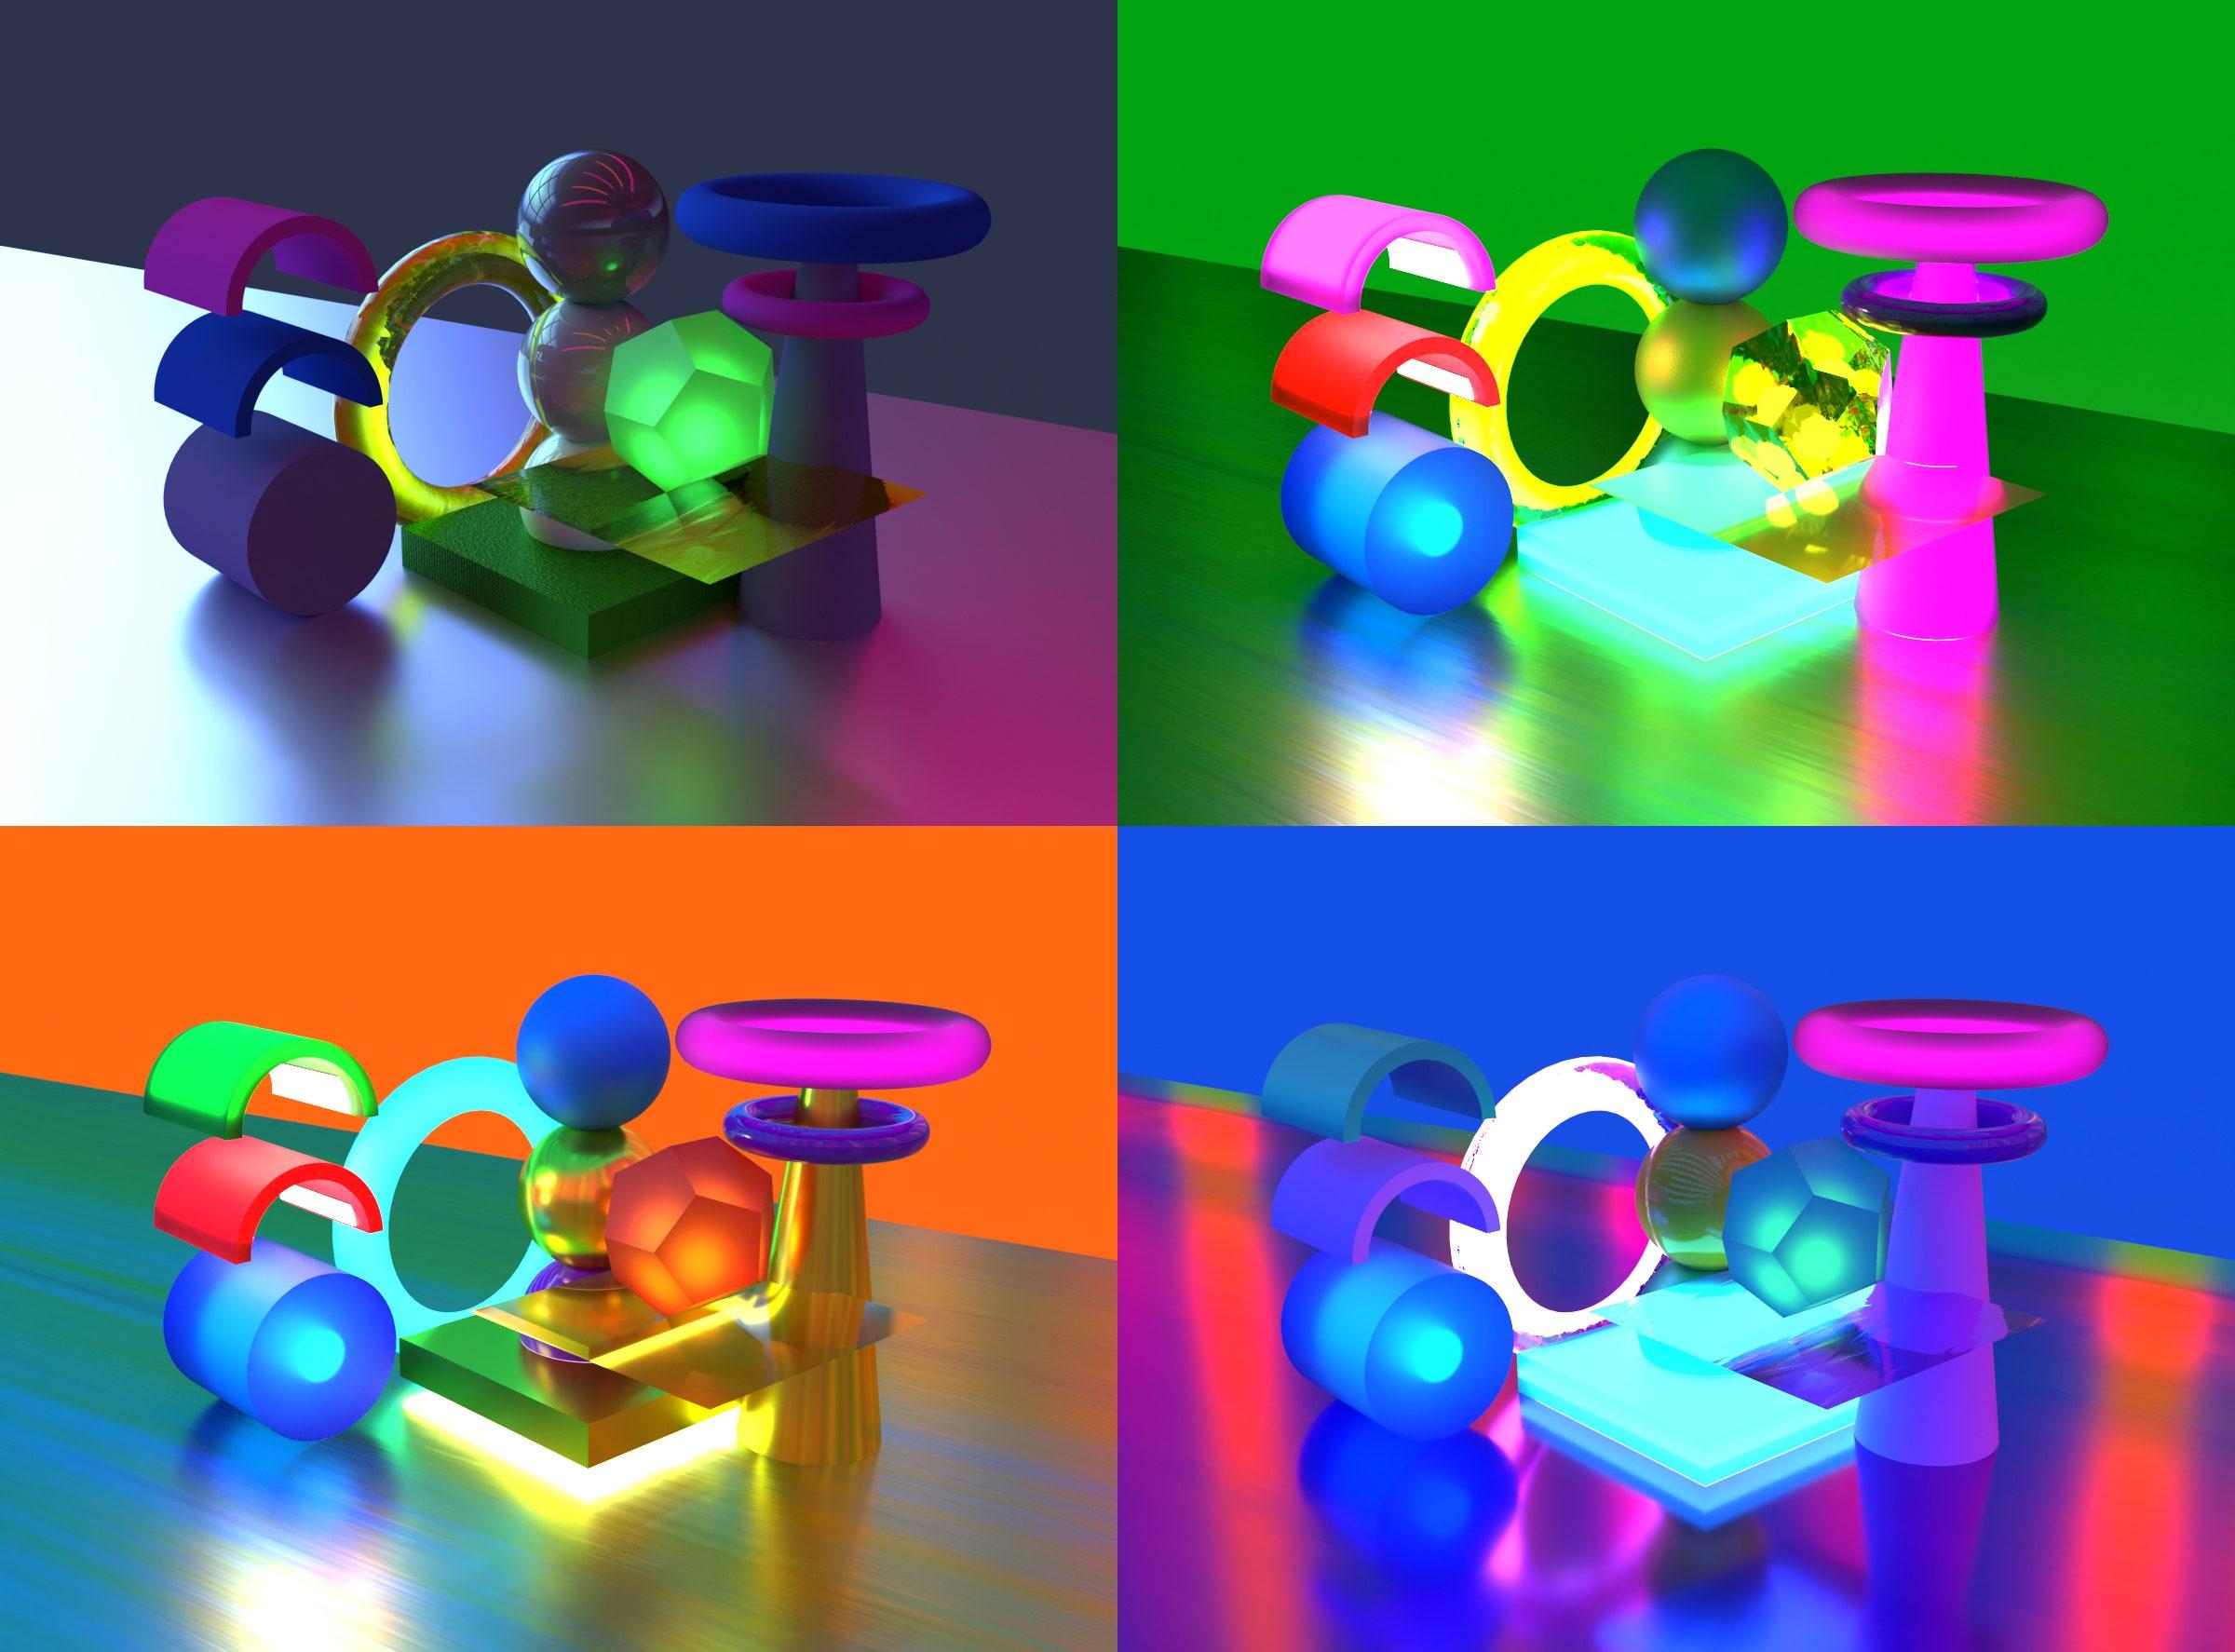 Pixar's Colors